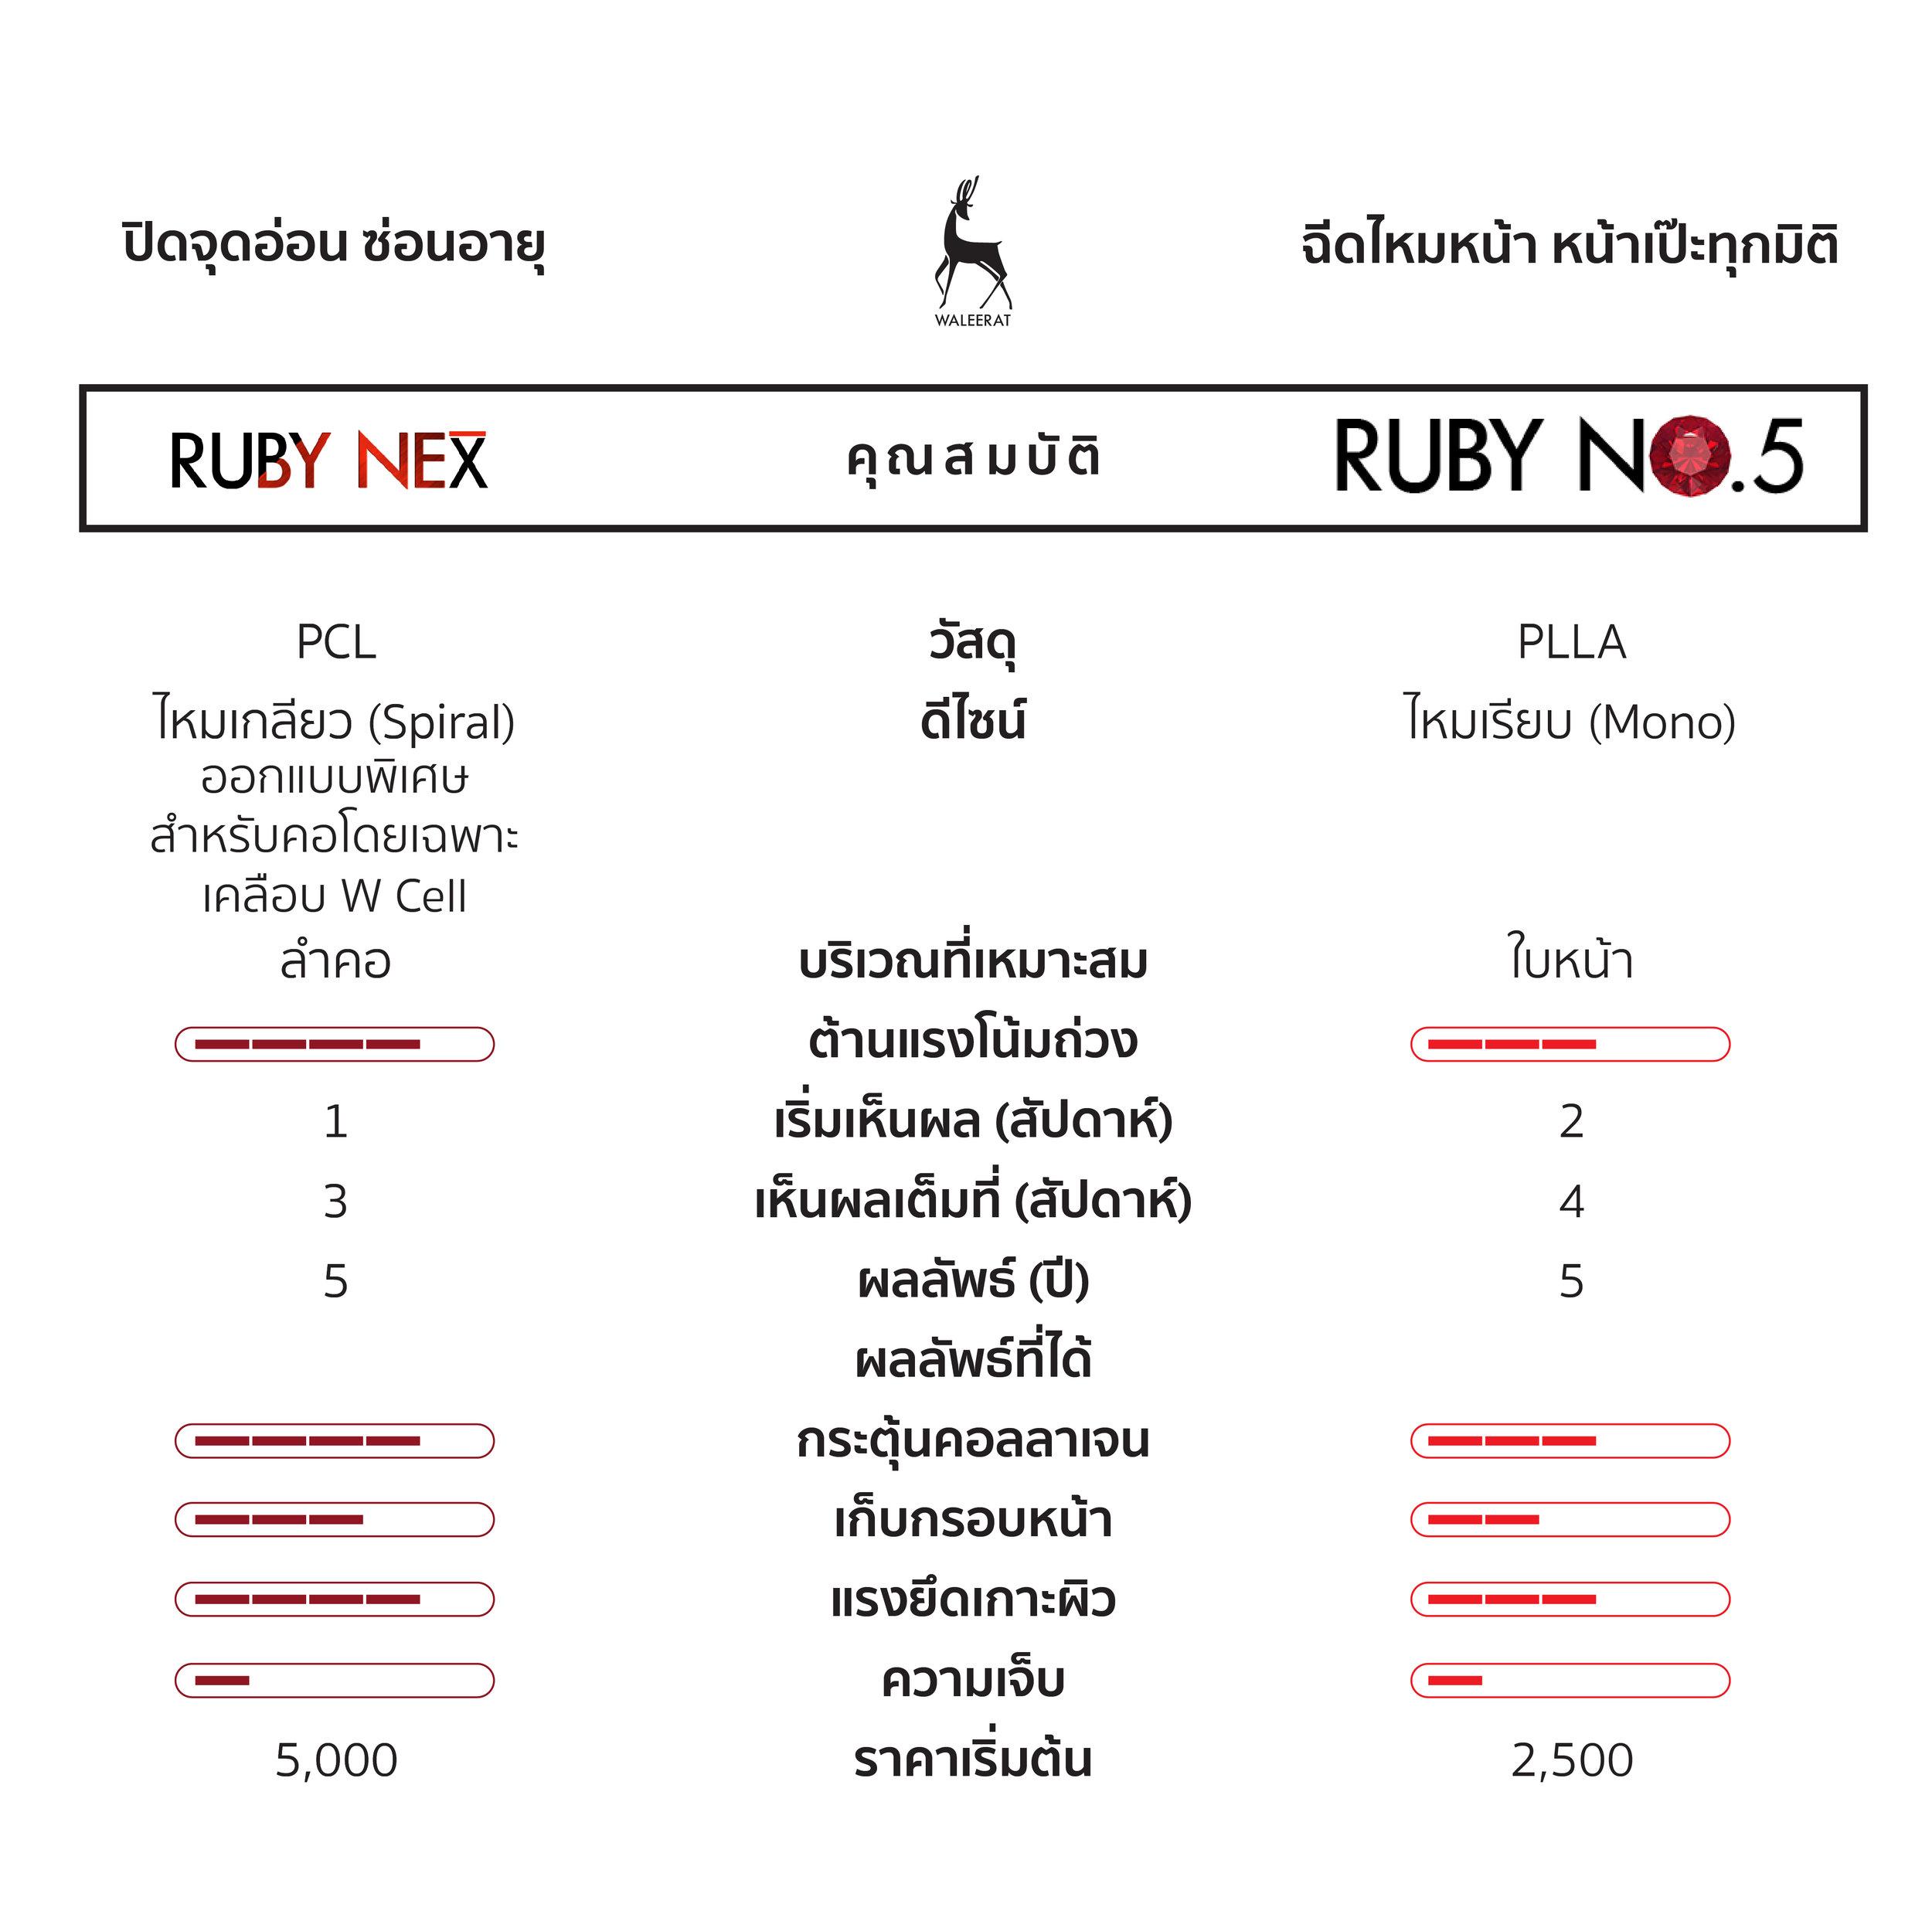 Ruby neX VS Ruby No.5